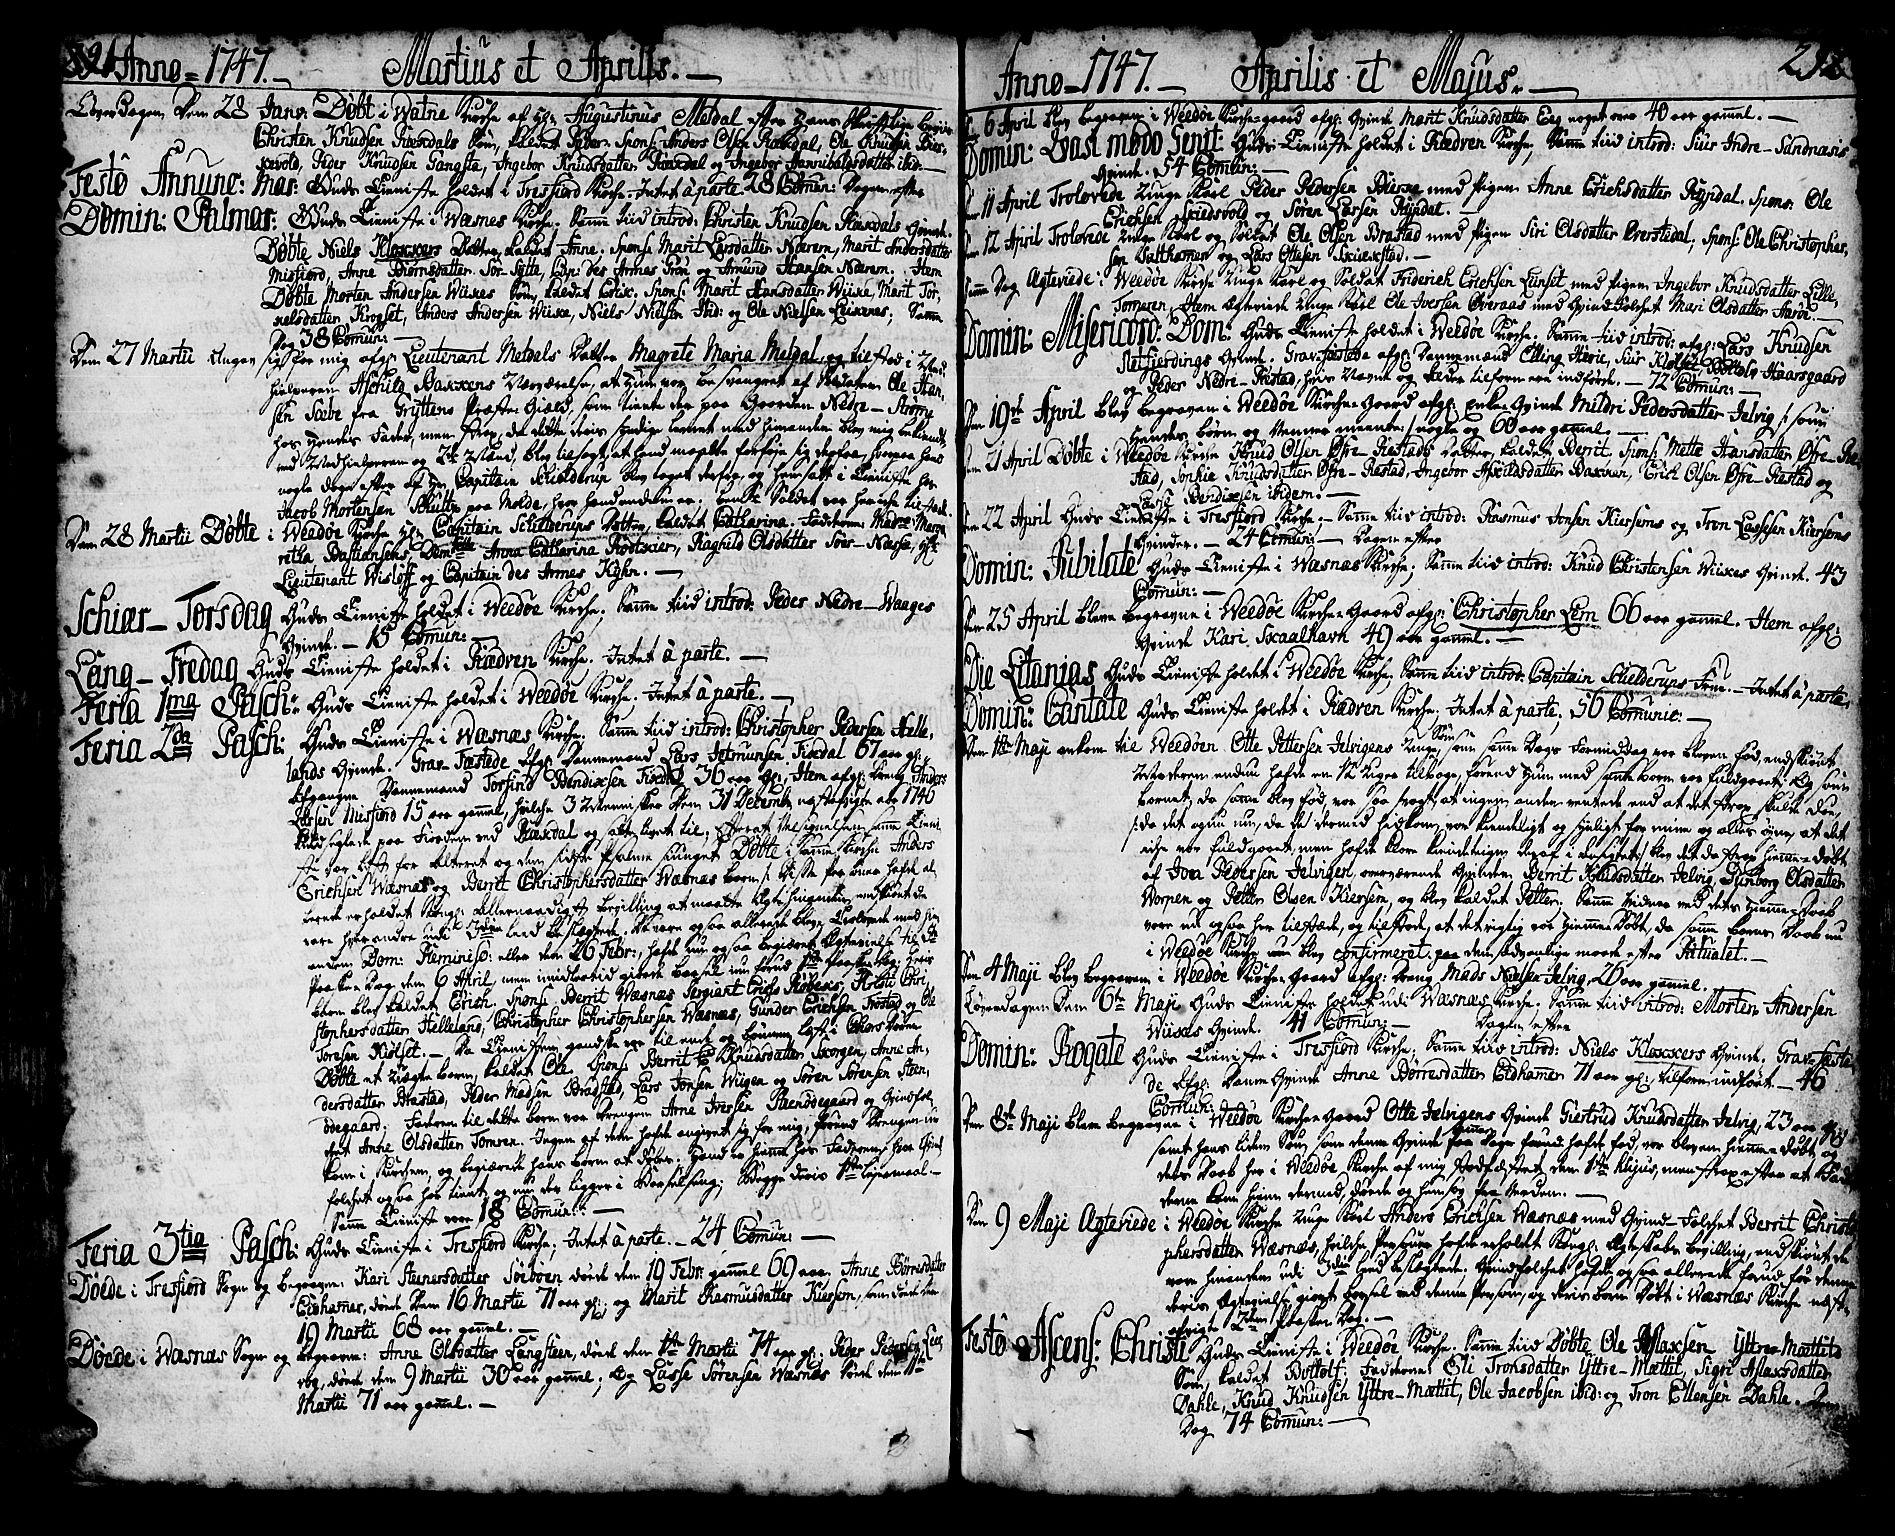 SAT, Ministerialprotokoller, klokkerbøker og fødselsregistre - Møre og Romsdal, 547/L0599: Ministerialbok nr. 547A01, 1721-1764, s. 290-291